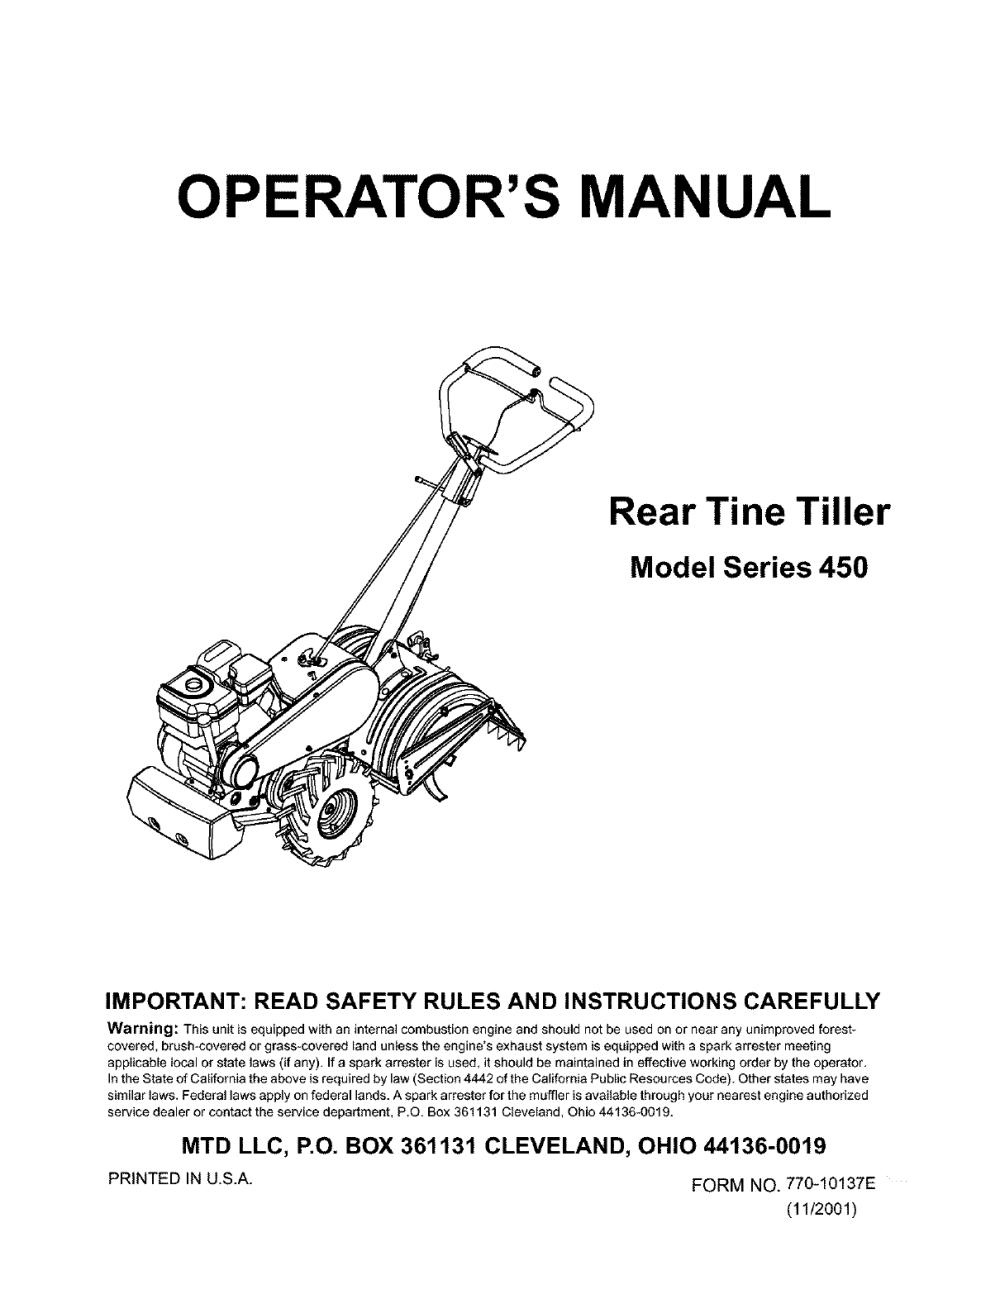 medium resolution of husqvarna 450 user manual mtd rear tine tiller manuals and guides l0401098